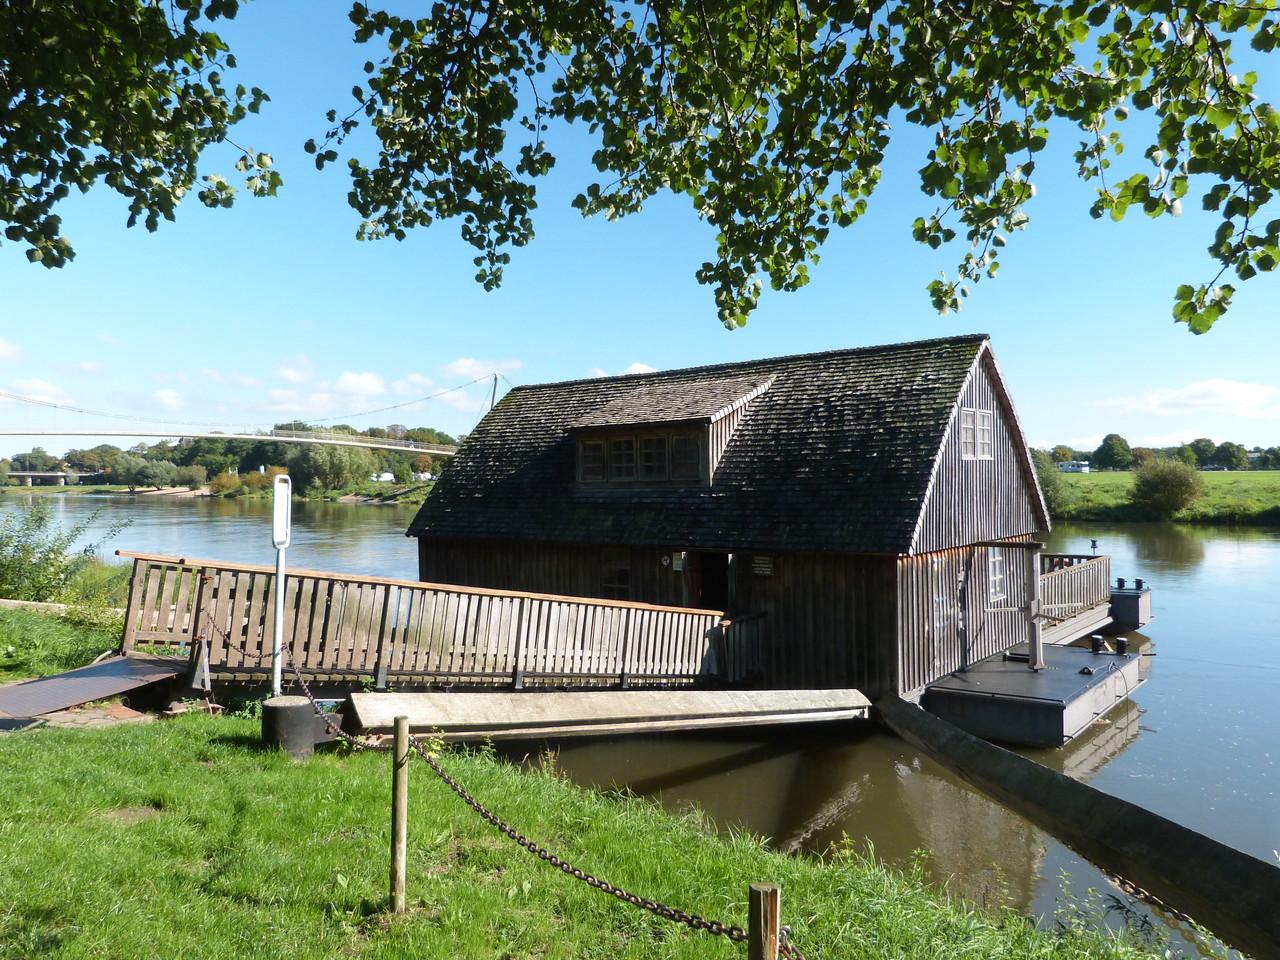 Schiffmühle aus dem 18. Jahrhundert